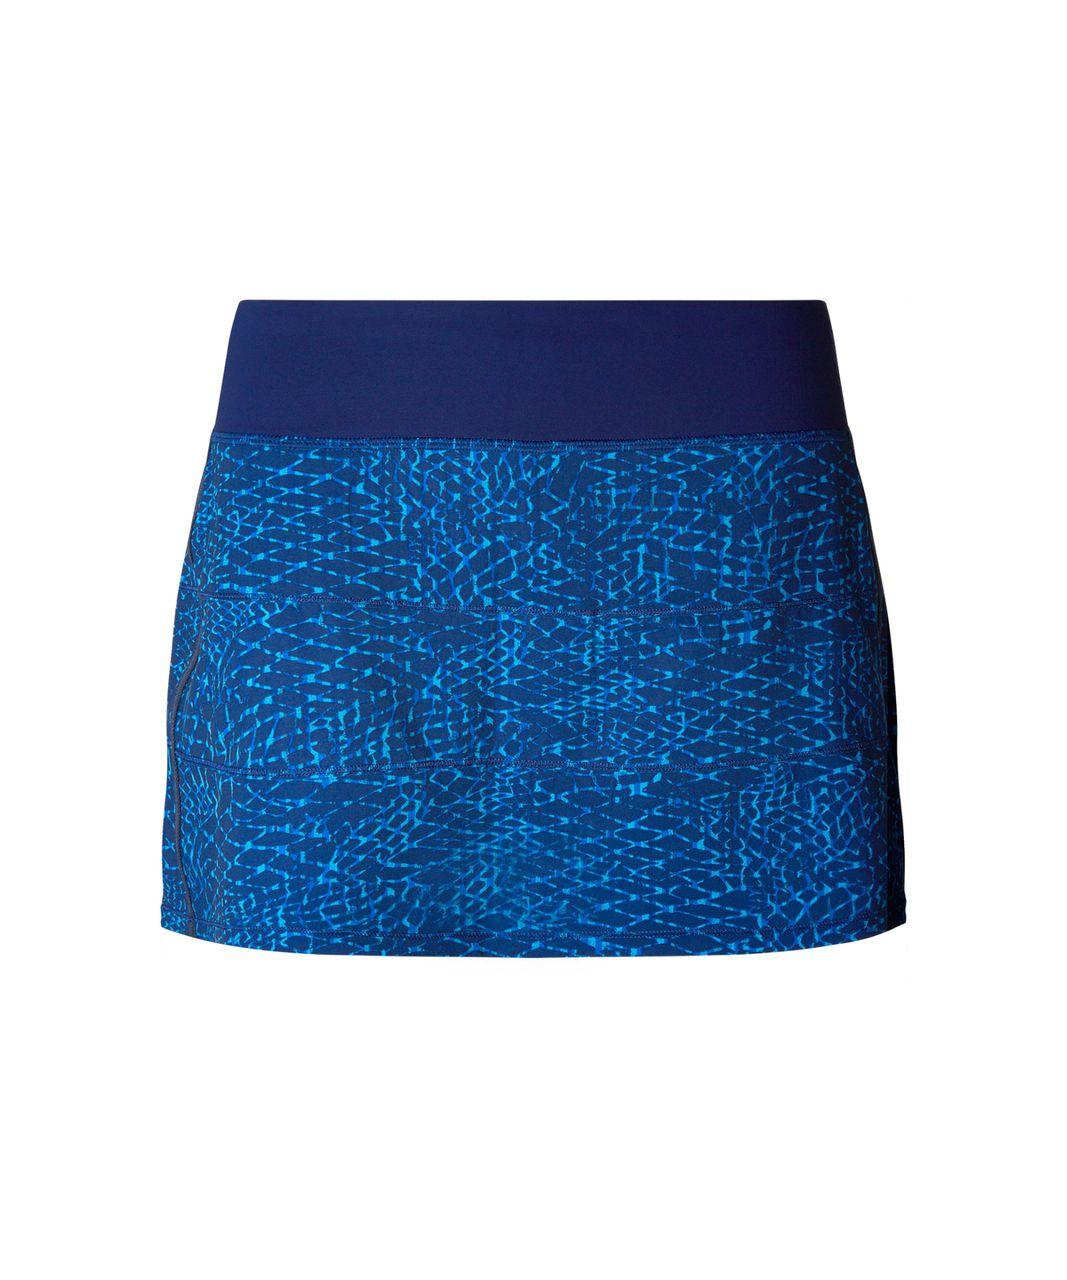 Lululemon Pace Rival Skirt II (Regular) - Samba Snake Kayak Blue Hero Blue / Hero Blue